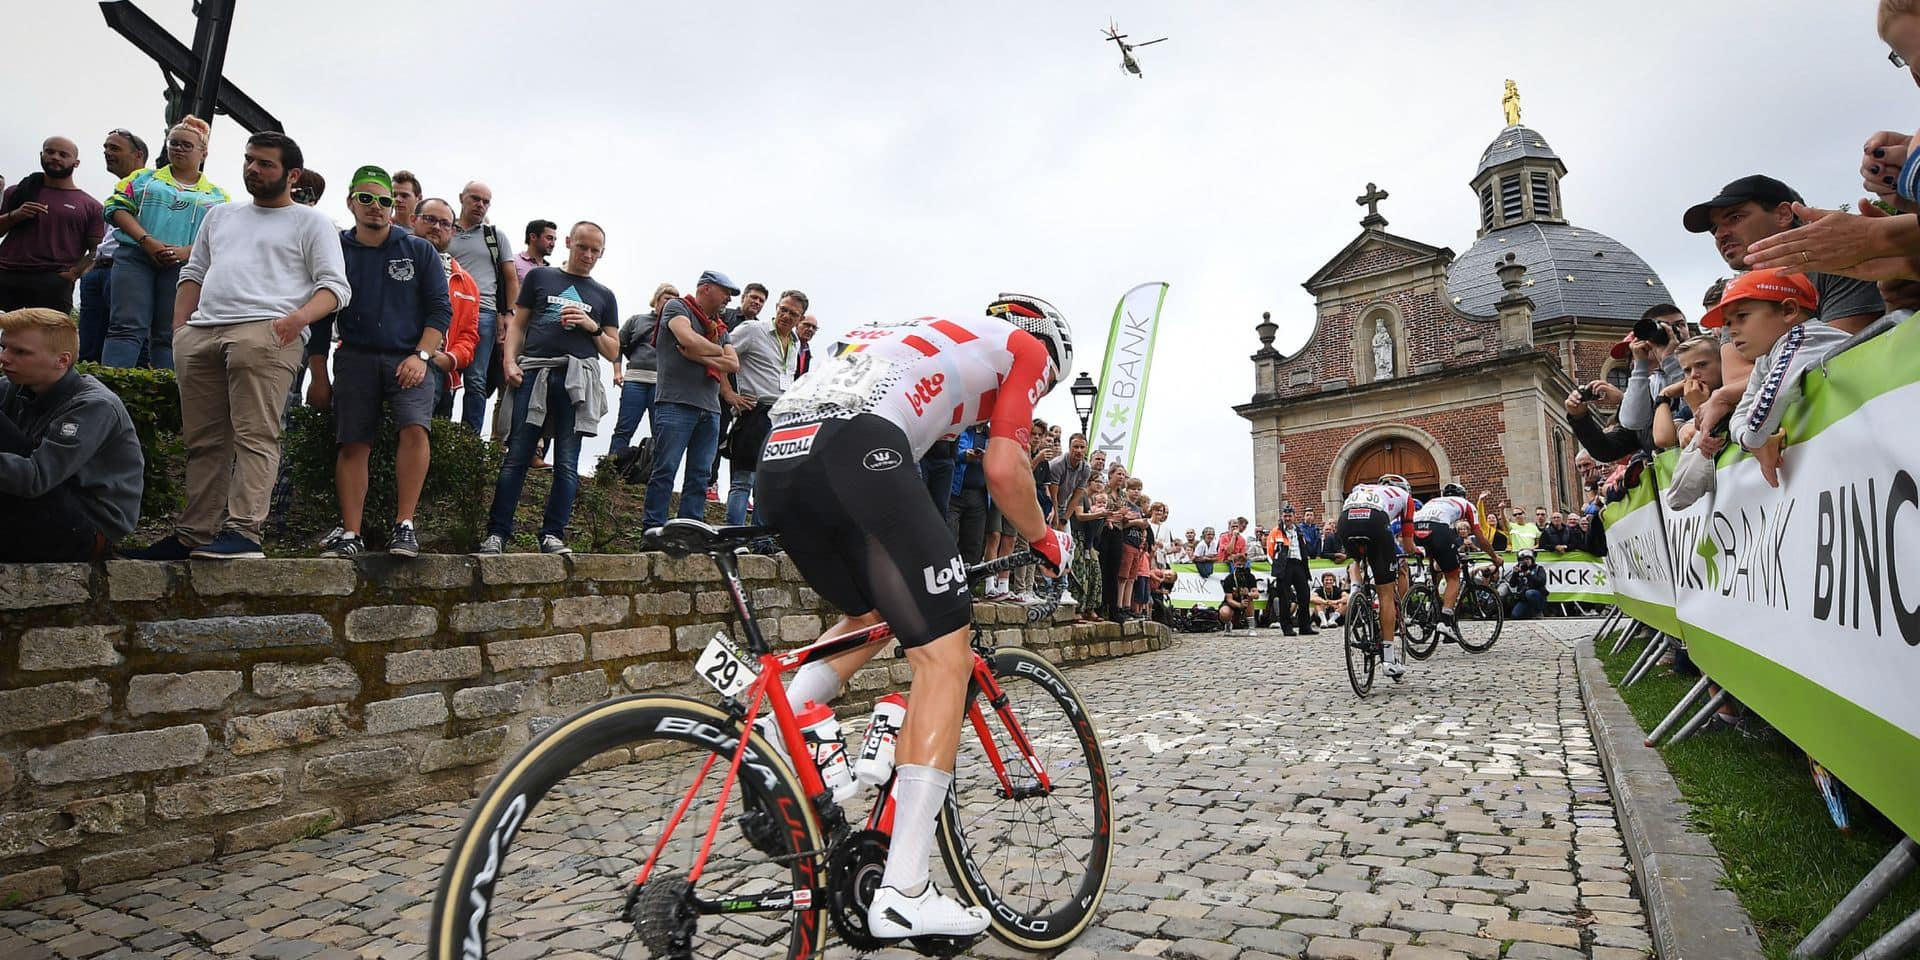 BinckBank Tour: les étapes néerlandaises annulées, la suite de l'épreuve maintenue jusque samedi